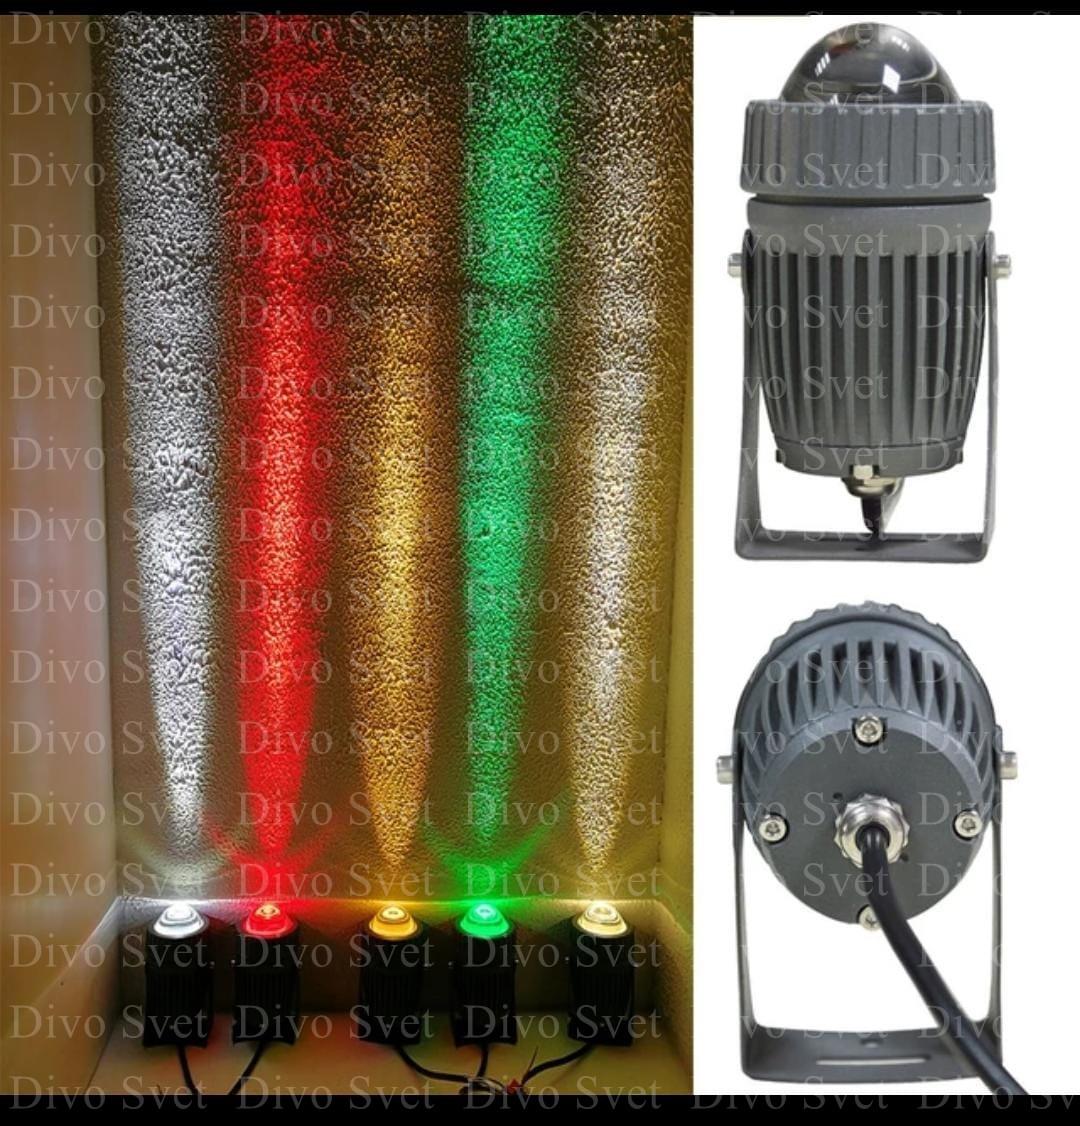 """LED светильник """"ЛУЧ"""" 10W, всех цветов! Светодиодный архитектурный, фасадный прожектор Луч (линза)."""